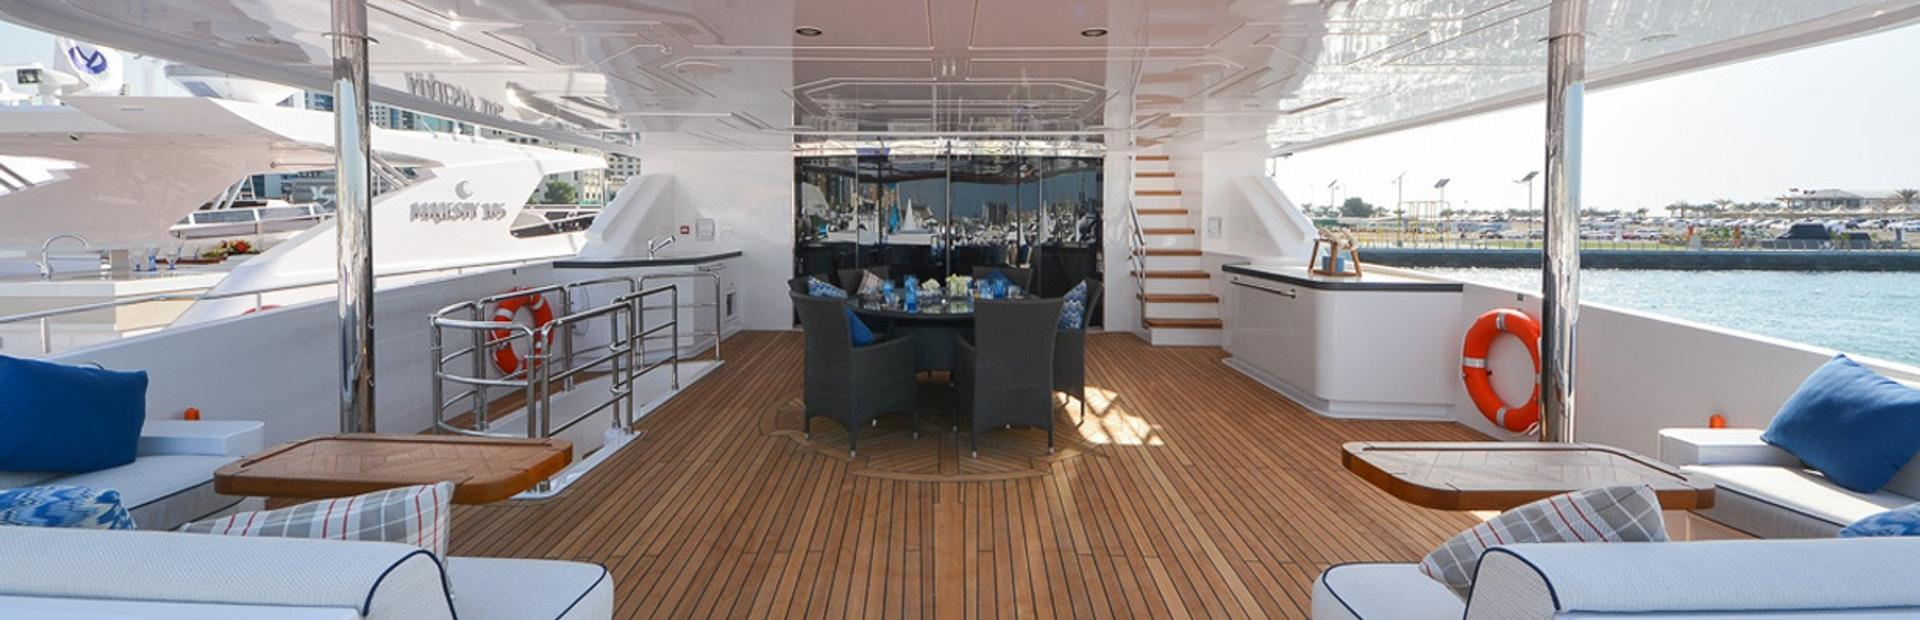 Gulf Craft Majesty 135 Yacht Charter